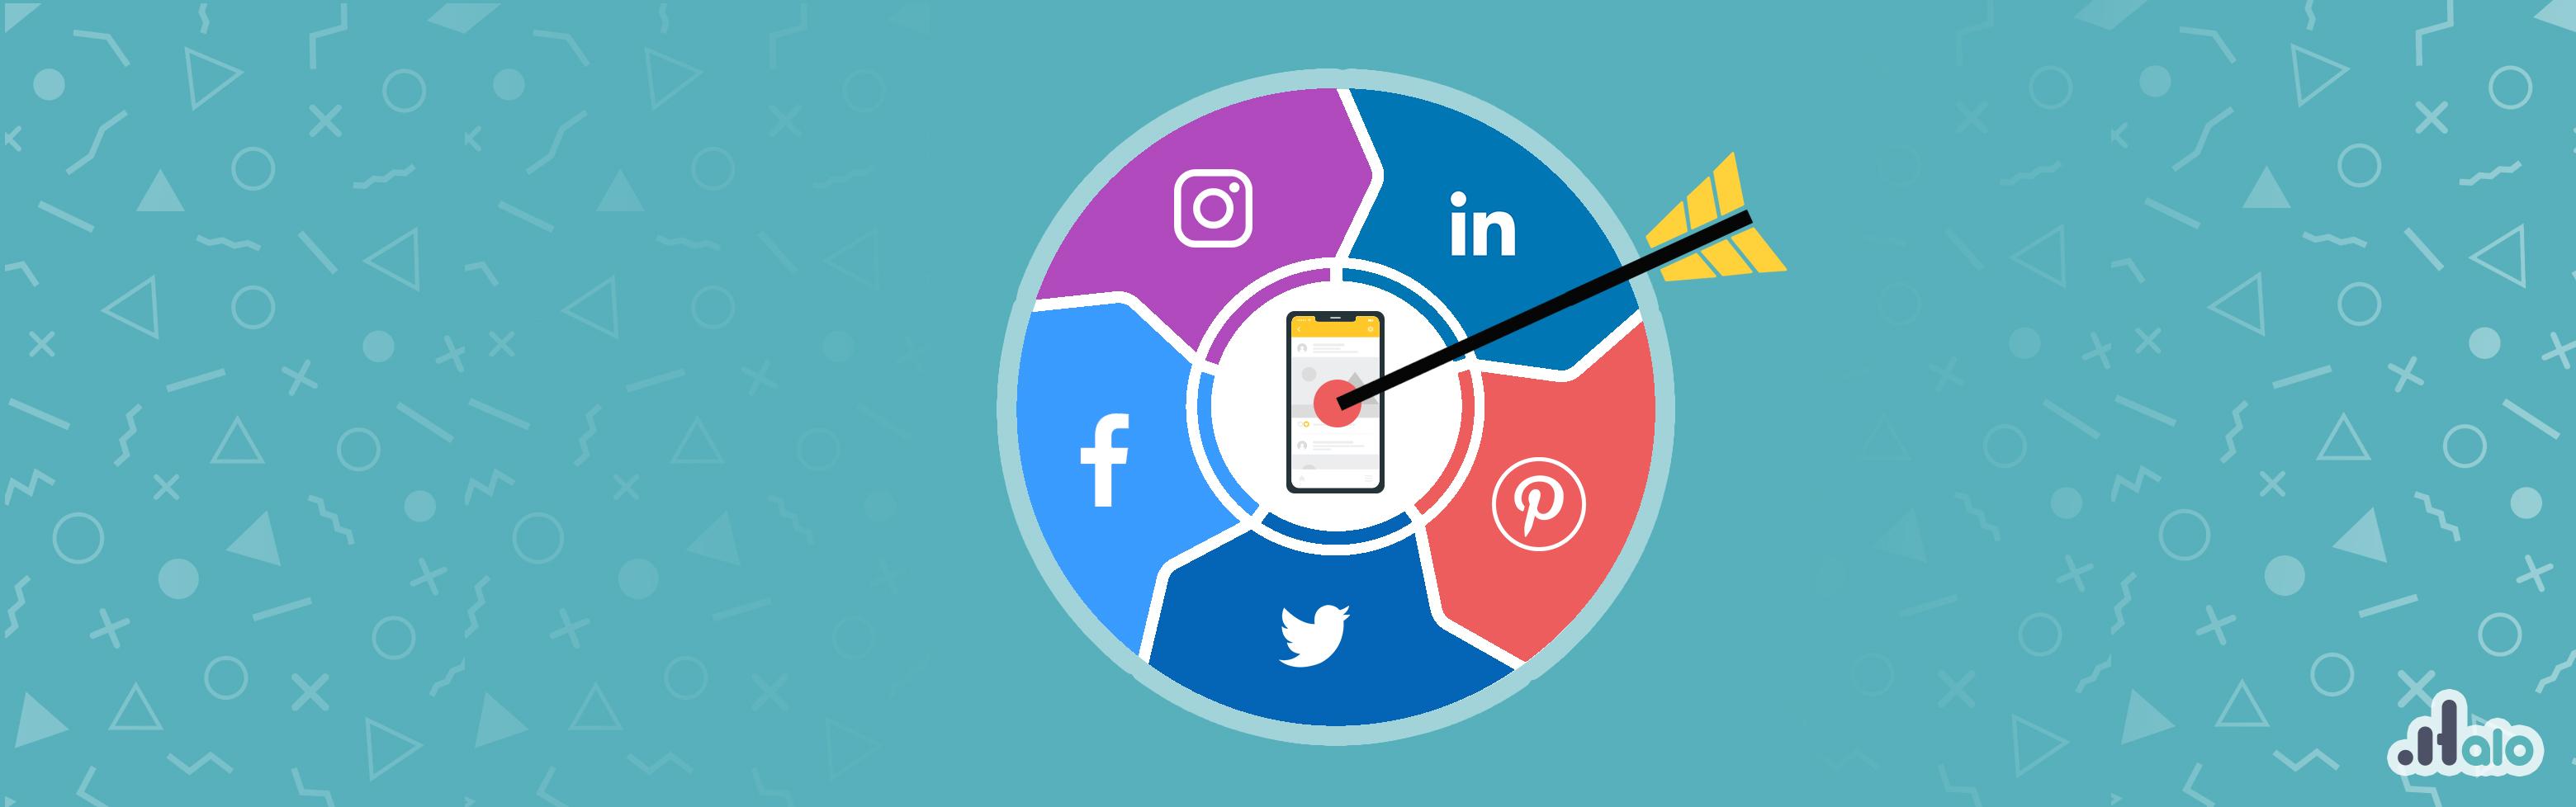 Retargeting Social Media Platforms